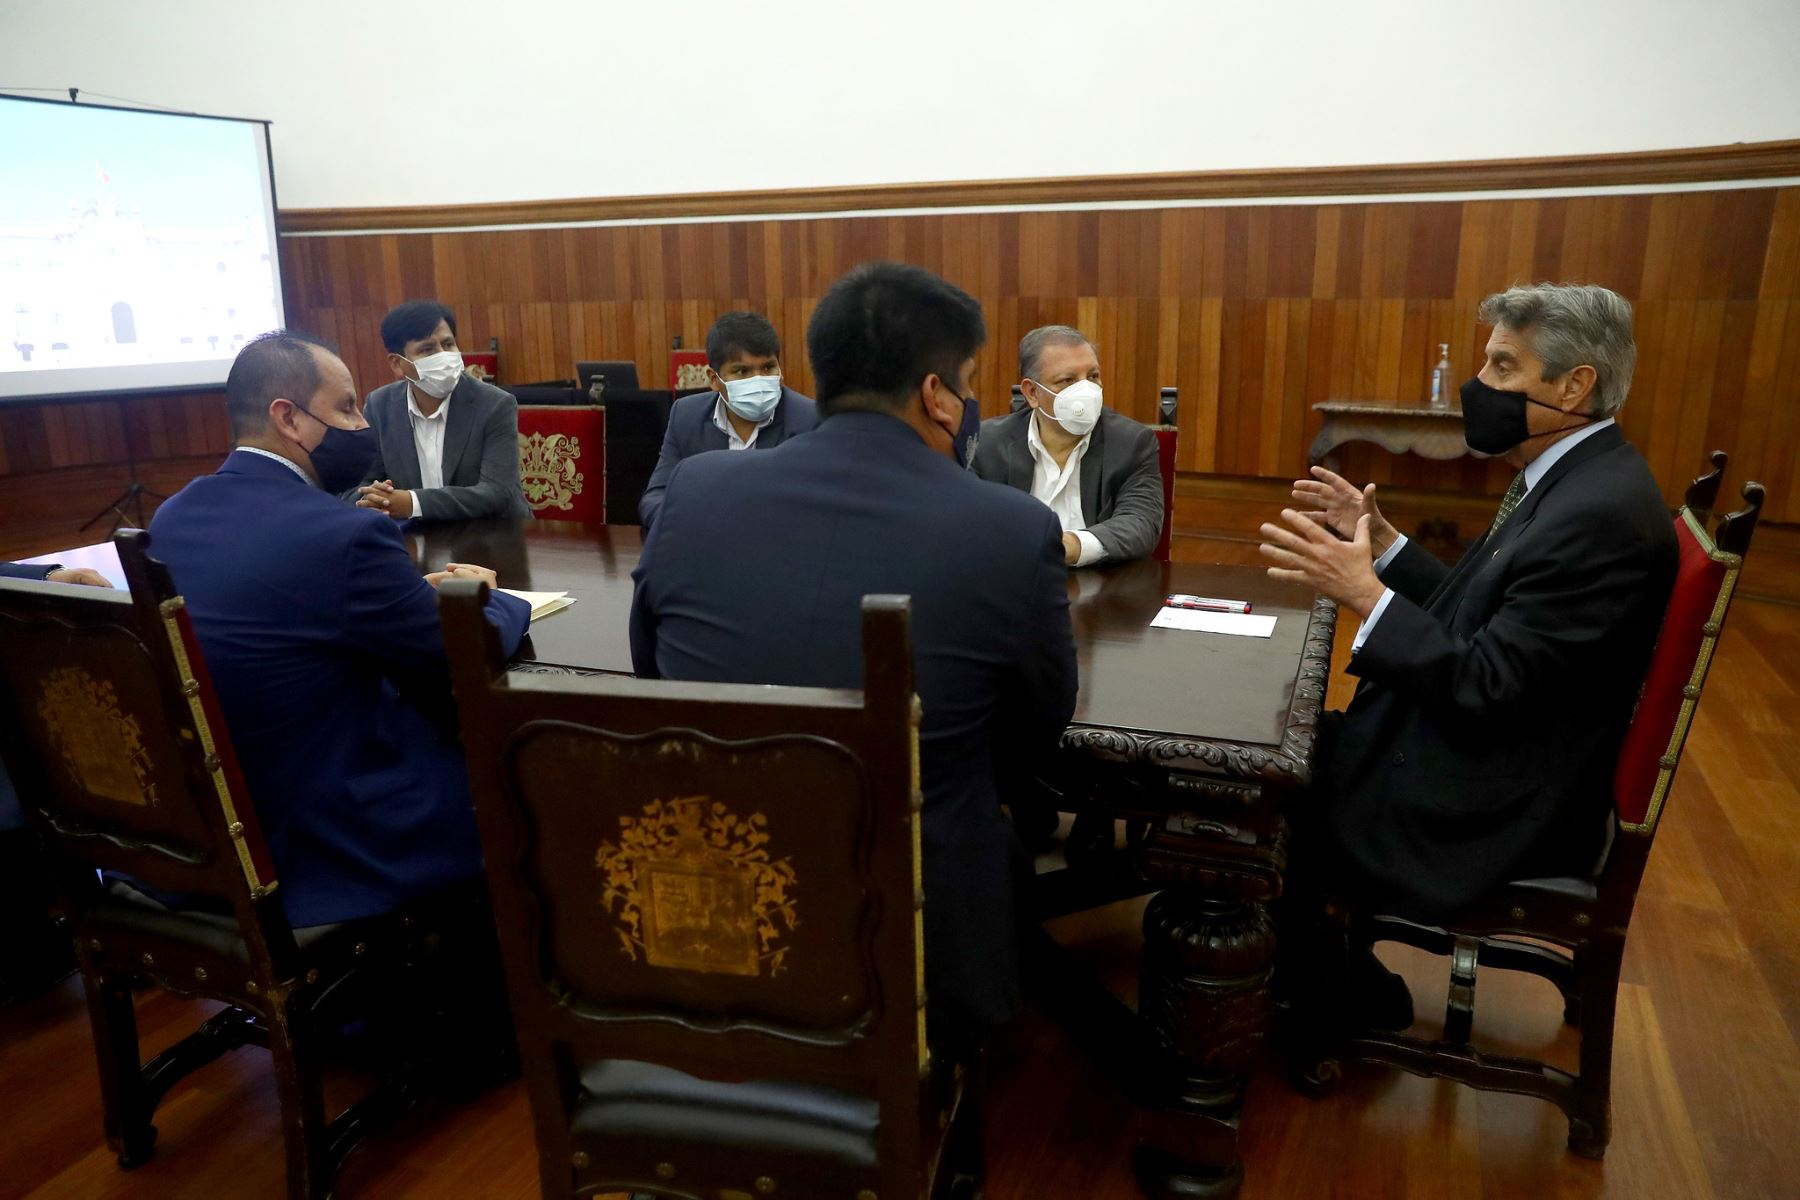 Presidente Sagasti sostuvo una reunión con el líder del Frente Amplio, Marco Arana y parlamentarios de la bancada. Foto: ANDINA/ Prensa Presidencia